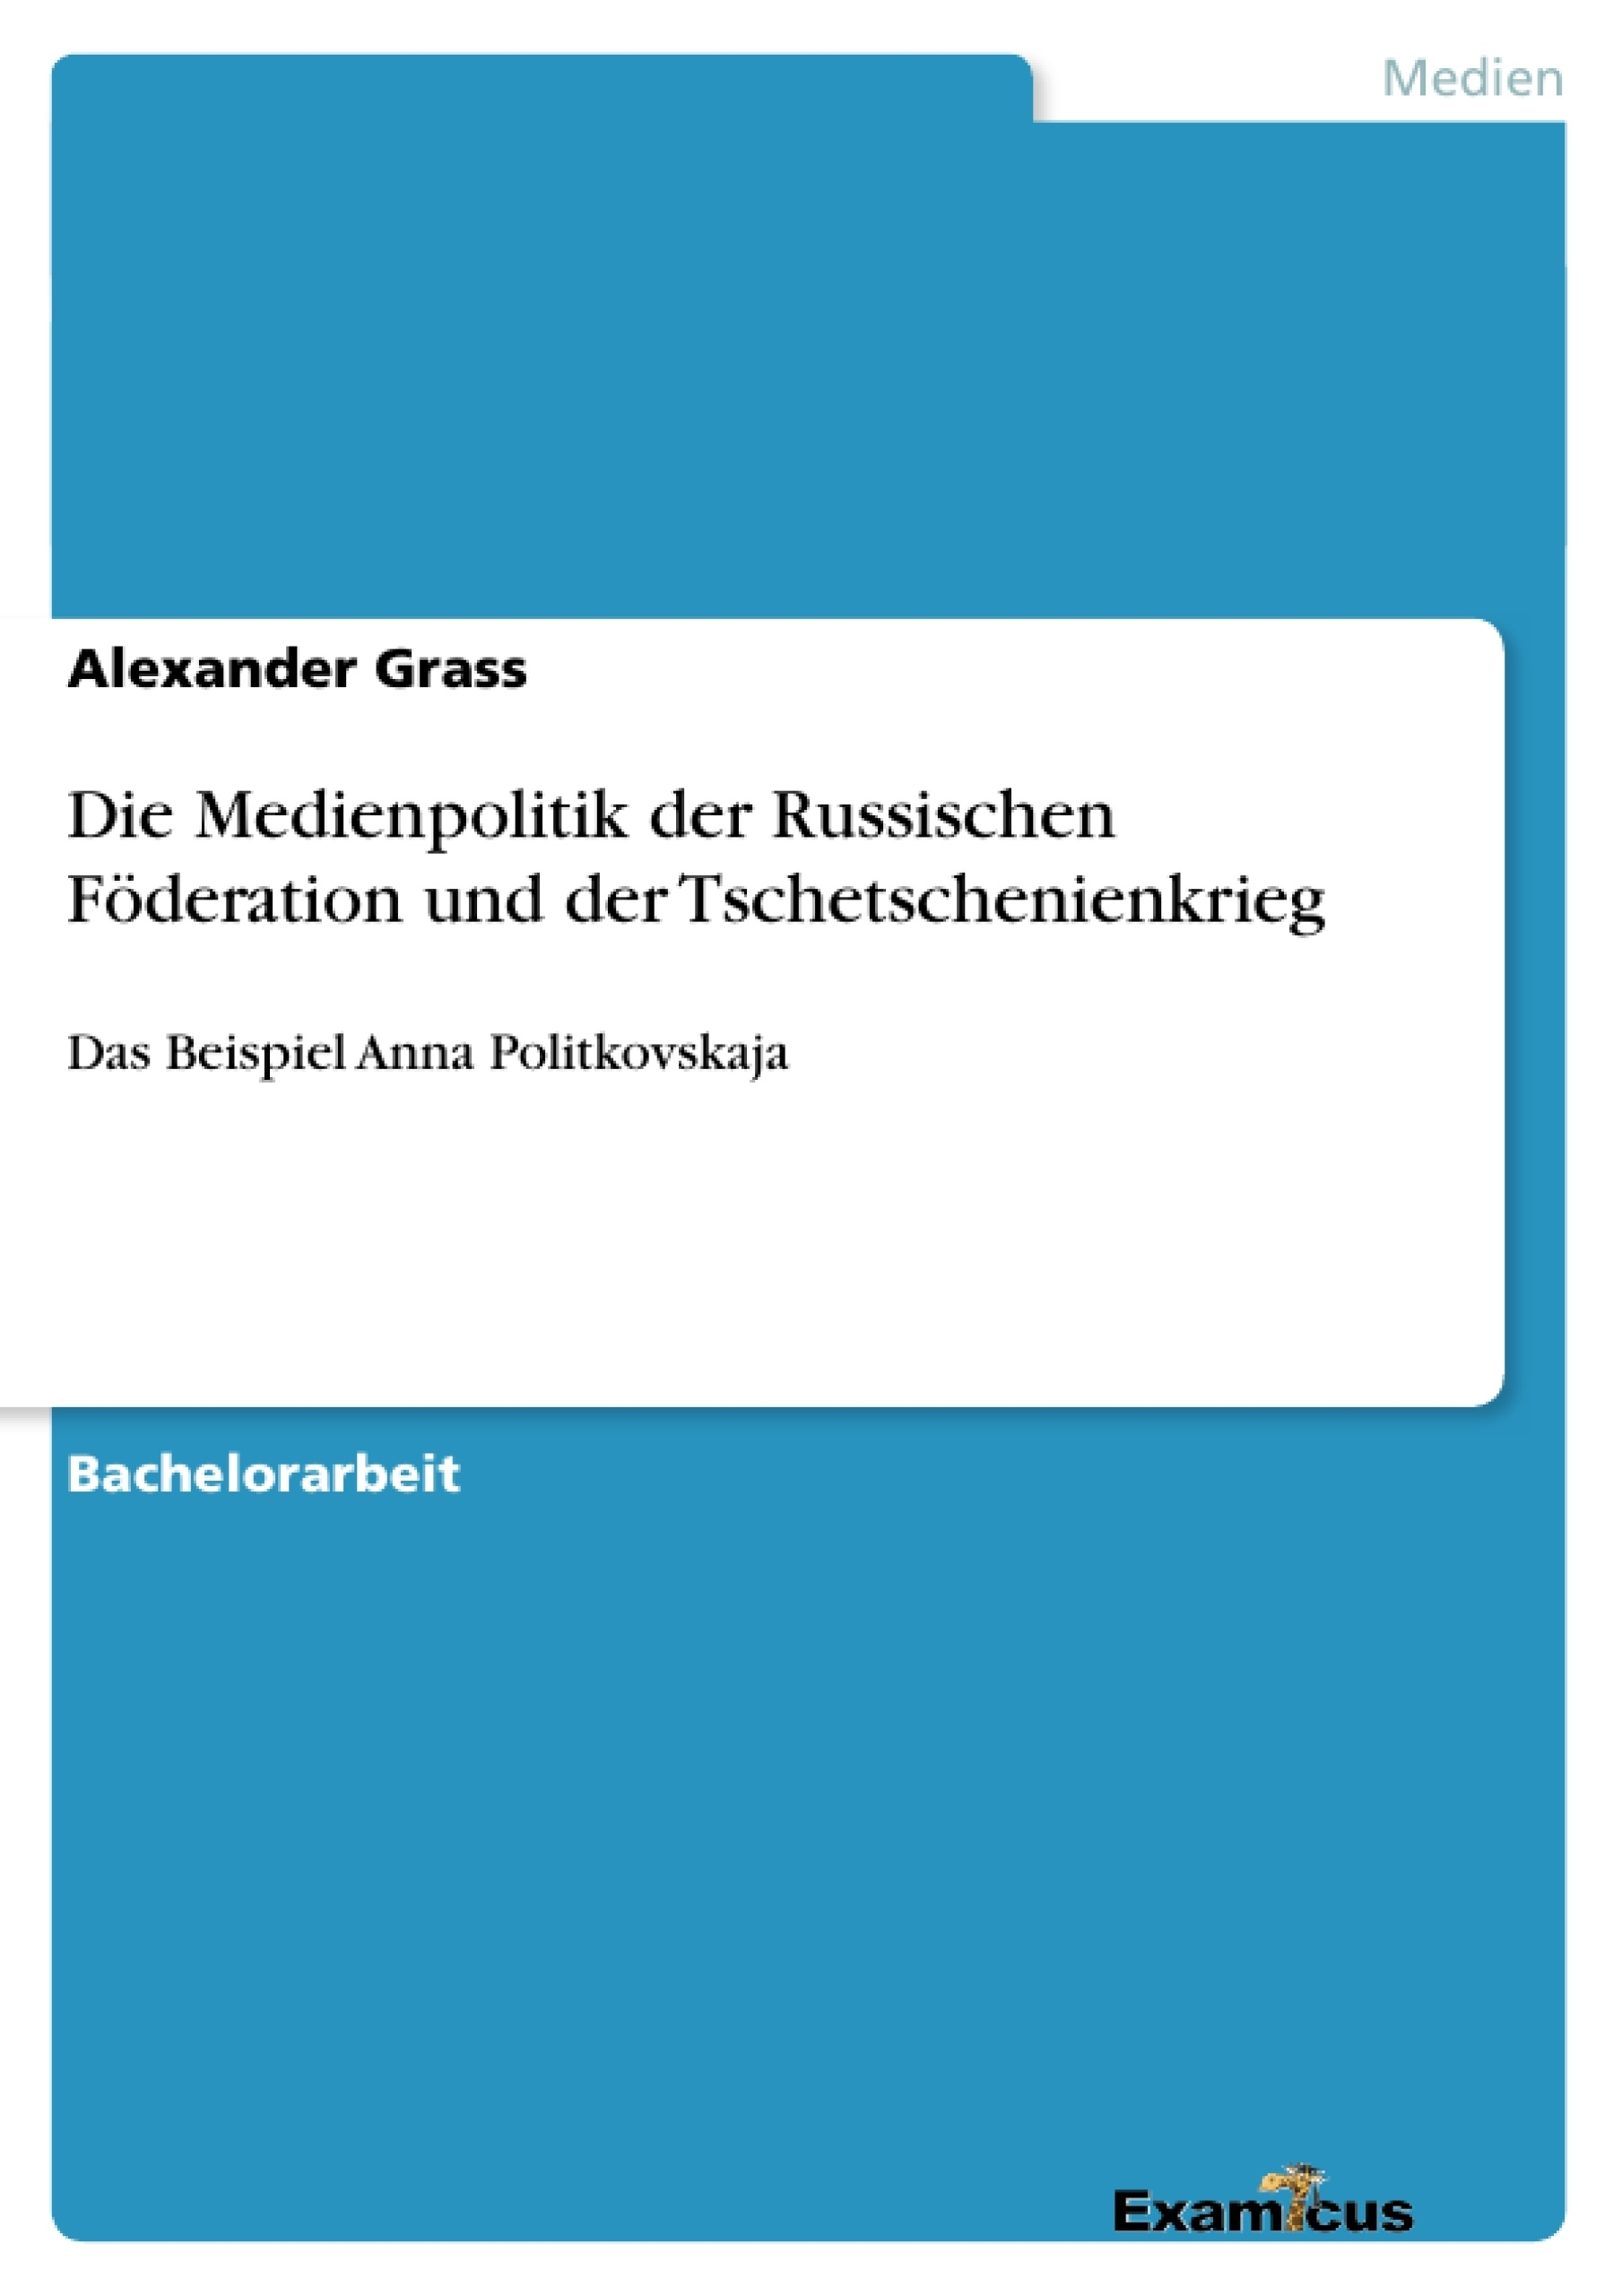 Titel: Die Medienpolitik der Russischen Föderation und der Tschetschenienkrieg